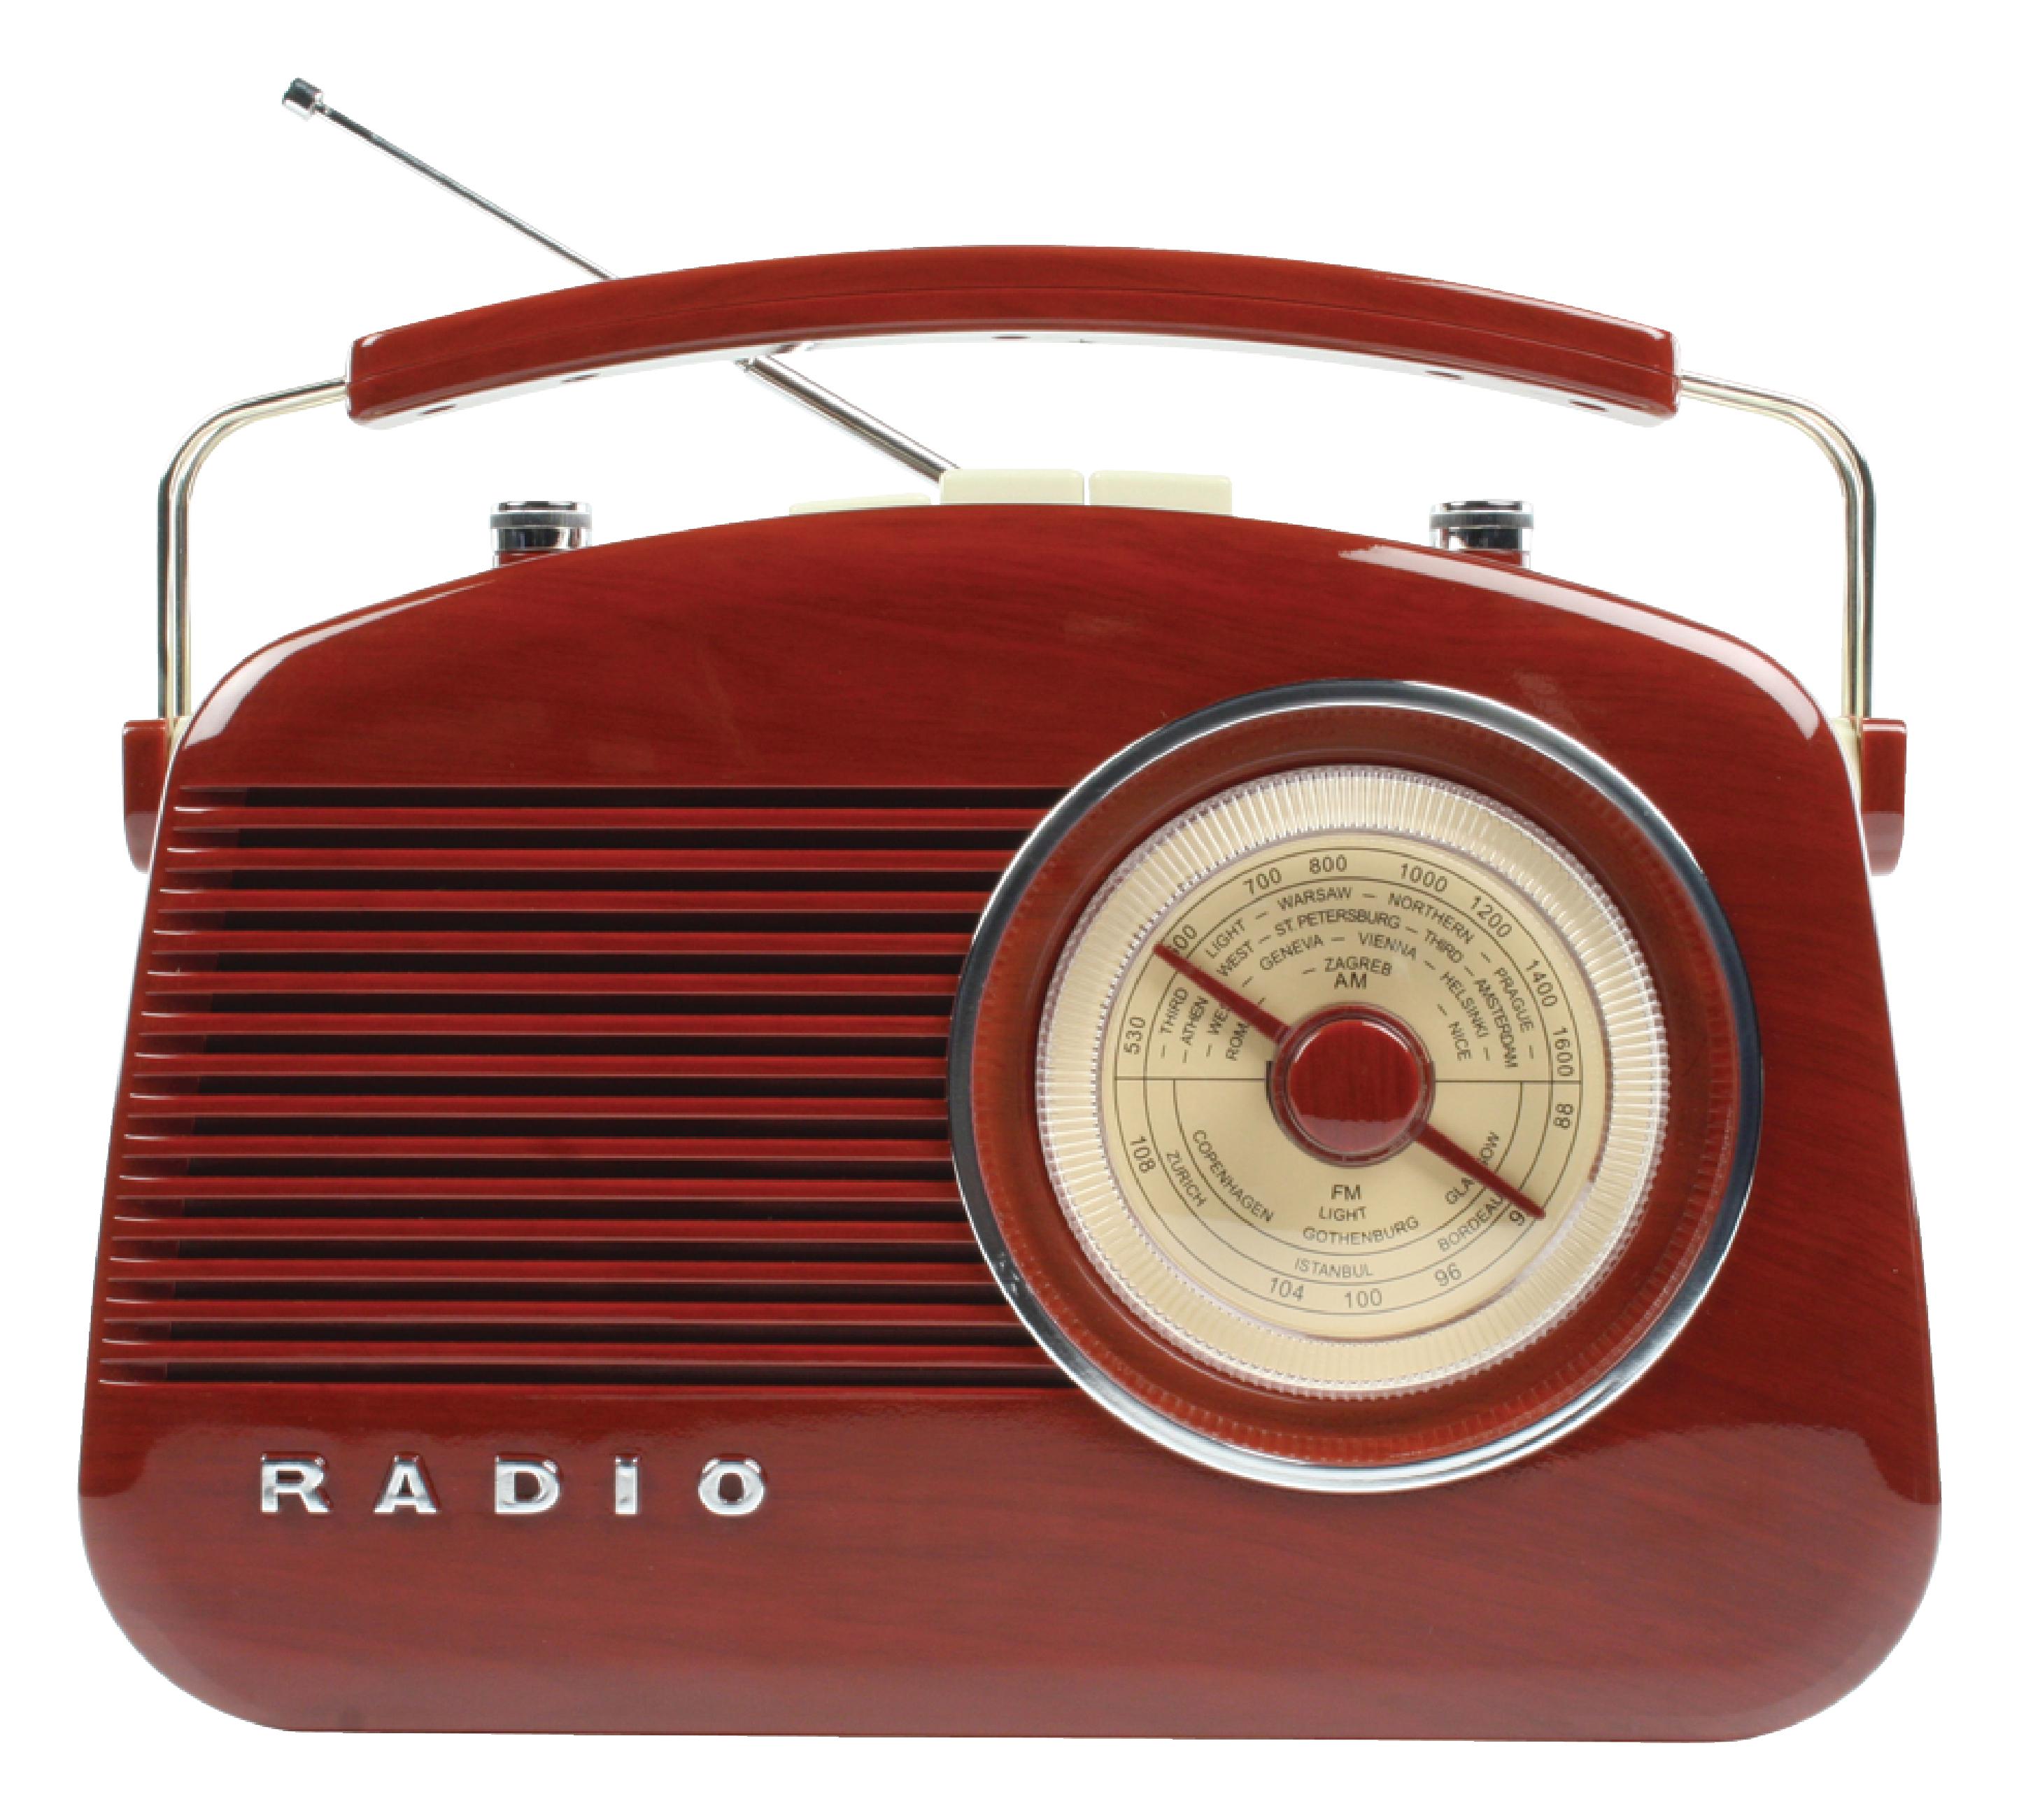 test radio vintage